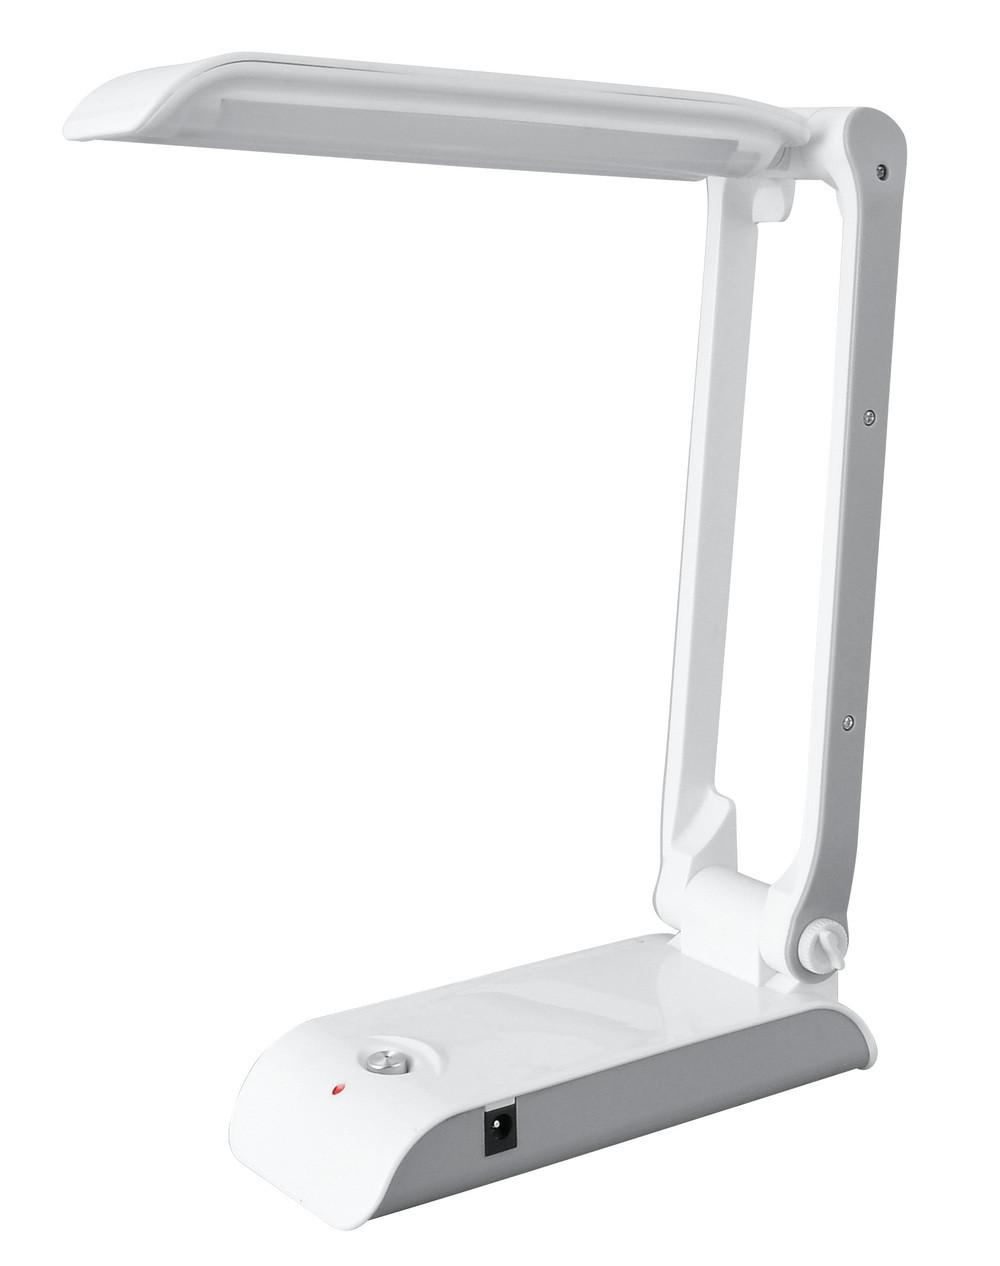 Настольная LED лампа с солнечной панелью Yajia YJ-5852 RT Белая